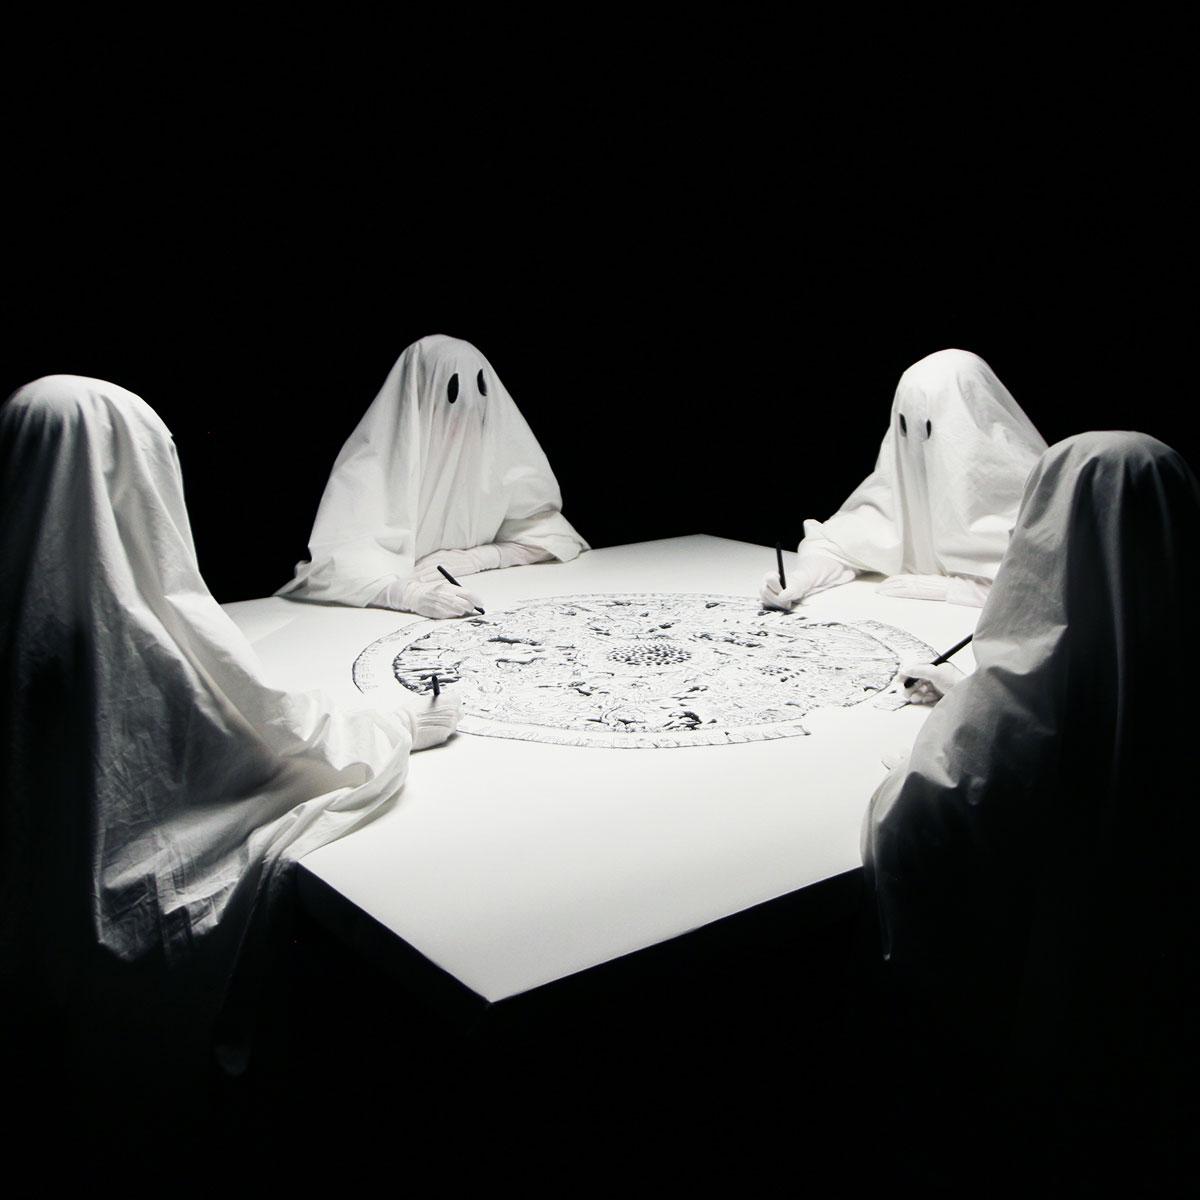 1_LeadImage_Ghost_Draw.jpg